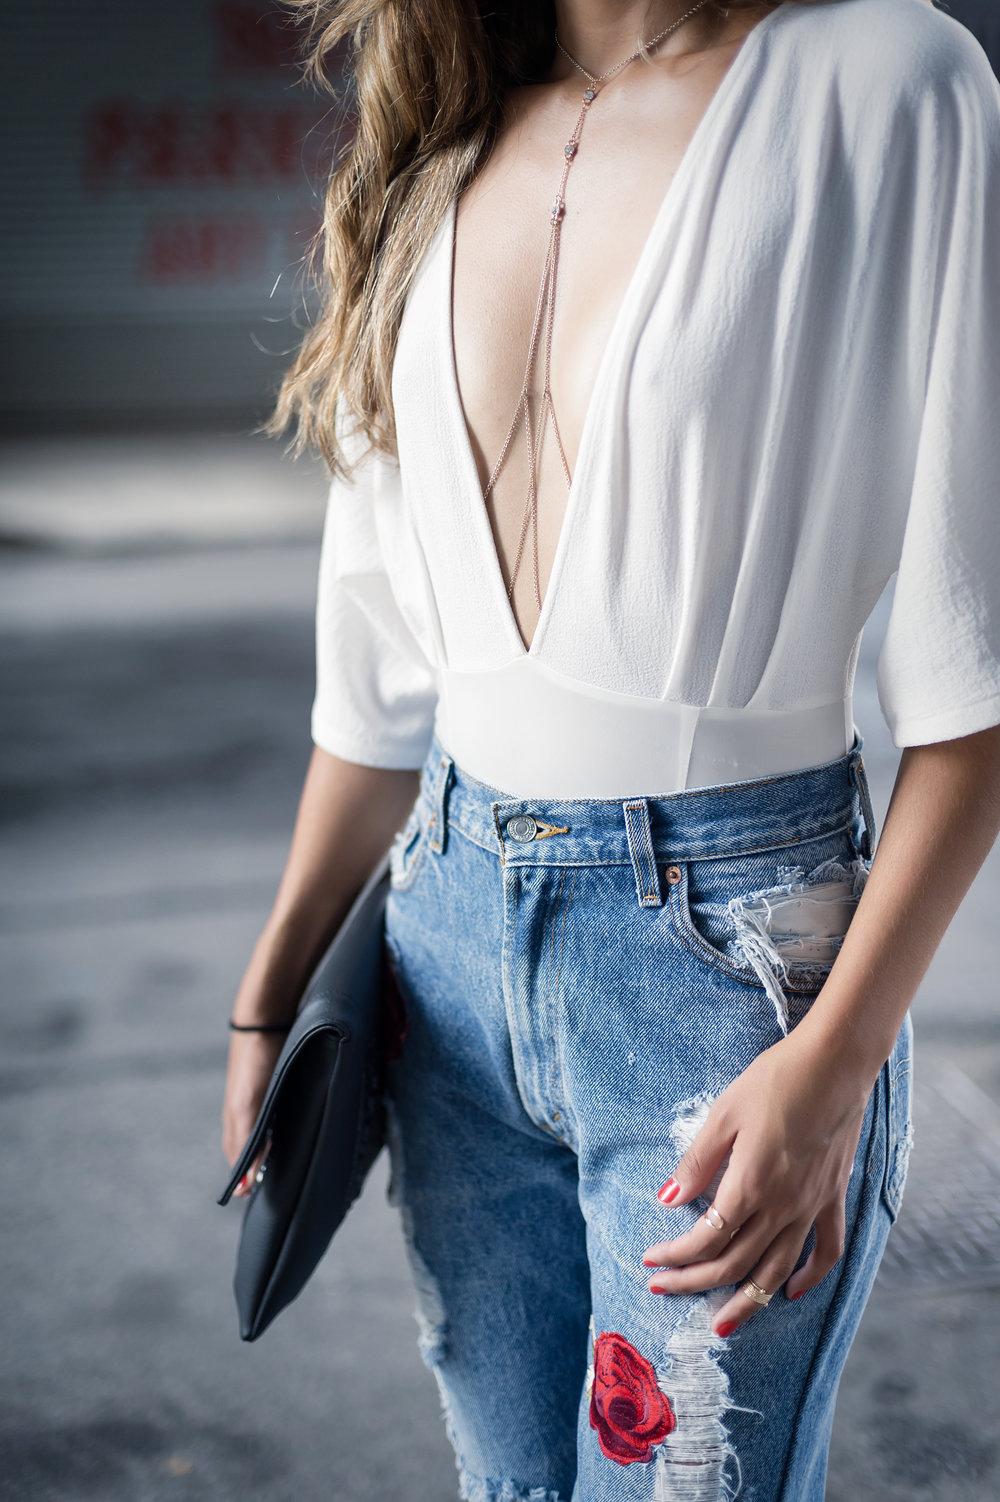 blogueira_raquel_paiva_vestindo_nasty_gal_semanda_de_moda_de_nova_iorque